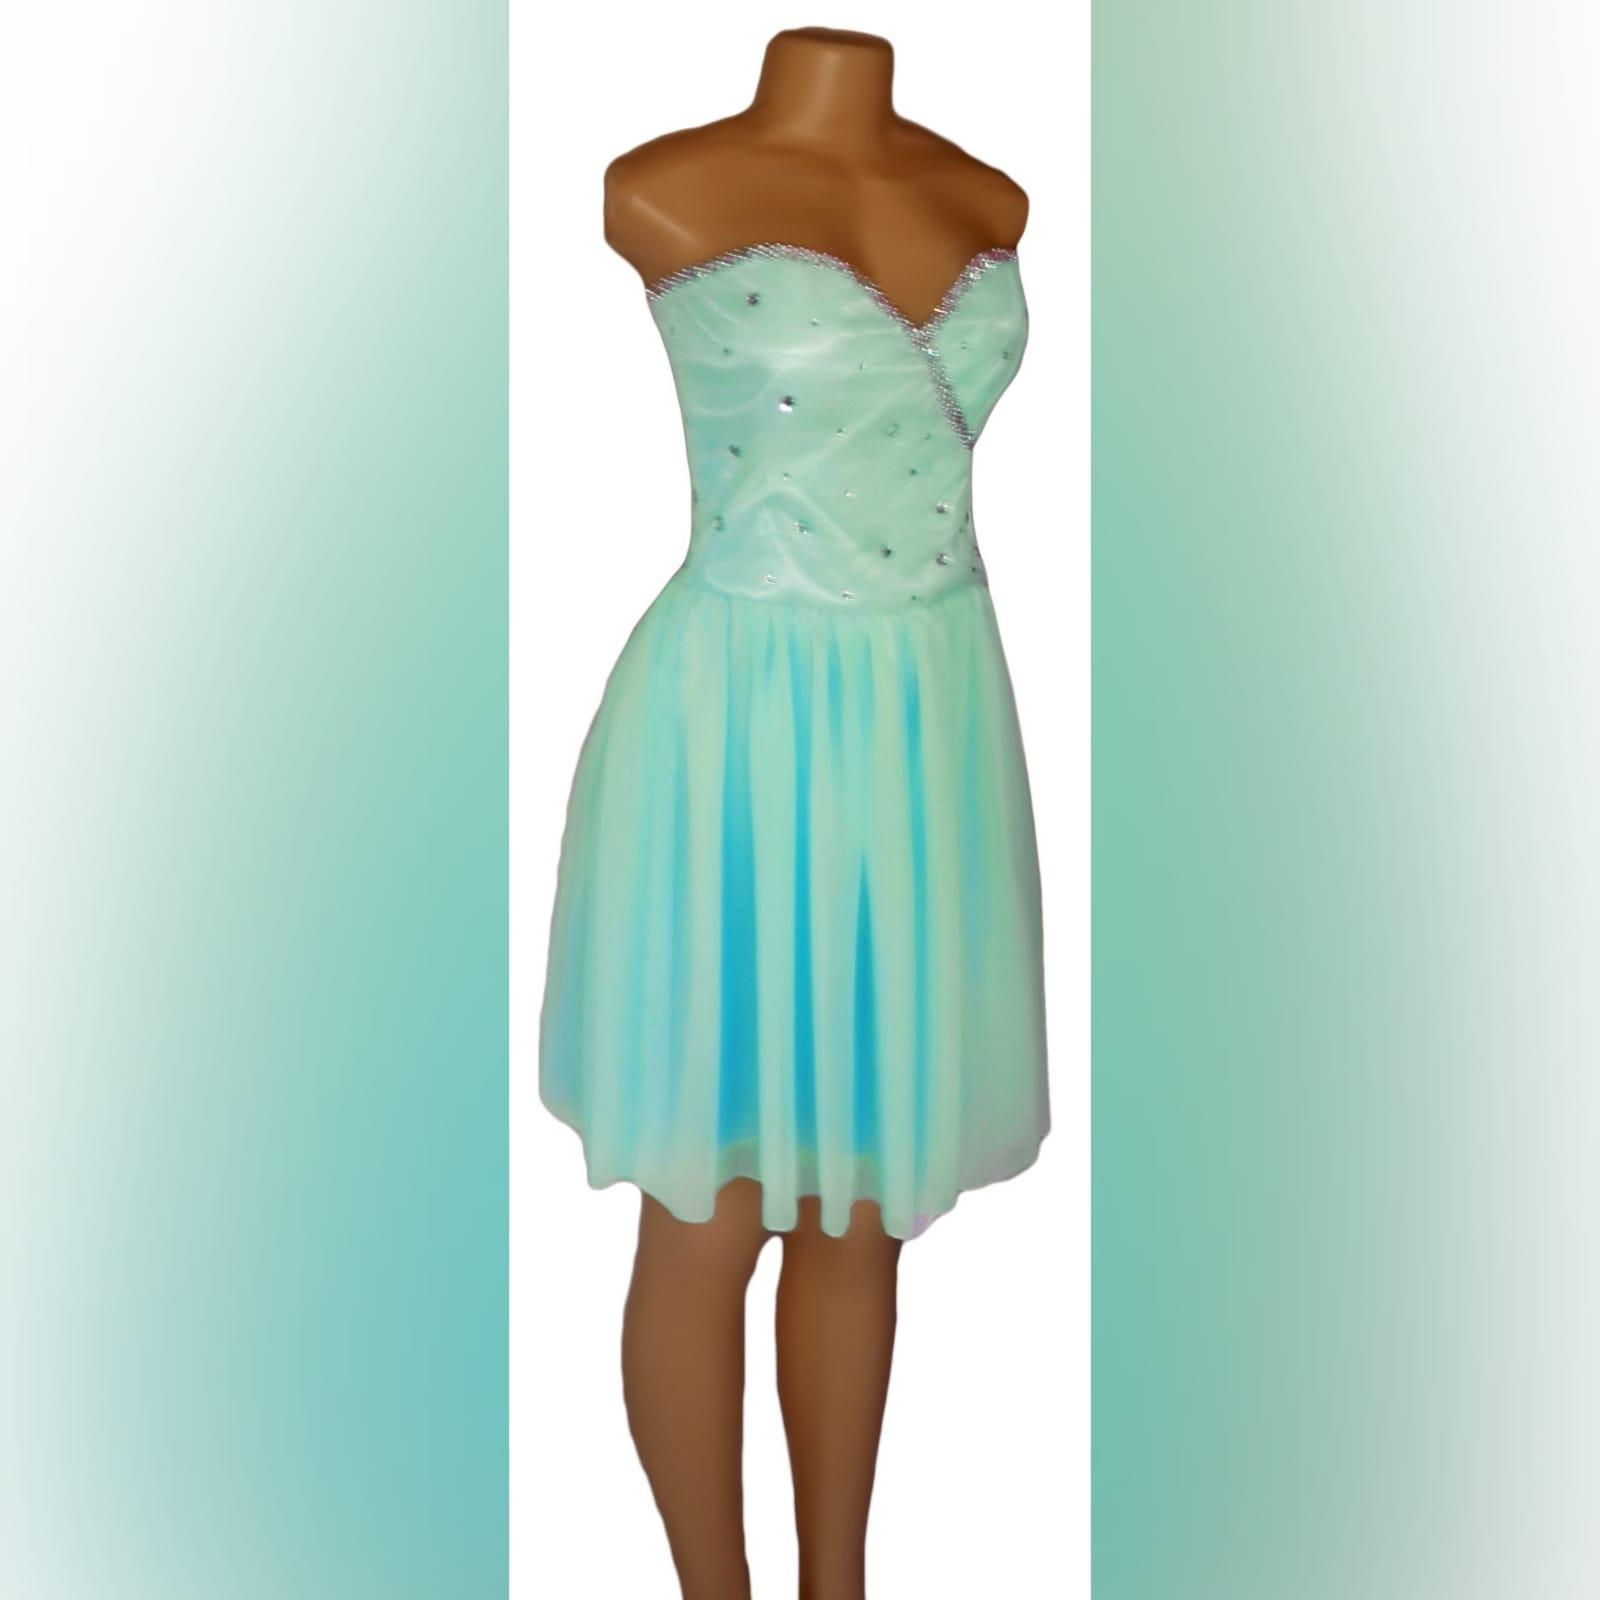 Vestido curto de finalistas cor verde menta 5 vestido curto de finalistas cor verde menta, sem ombros, com corpete decorado com pedras brilhantes cor prata. Com costas atadas.